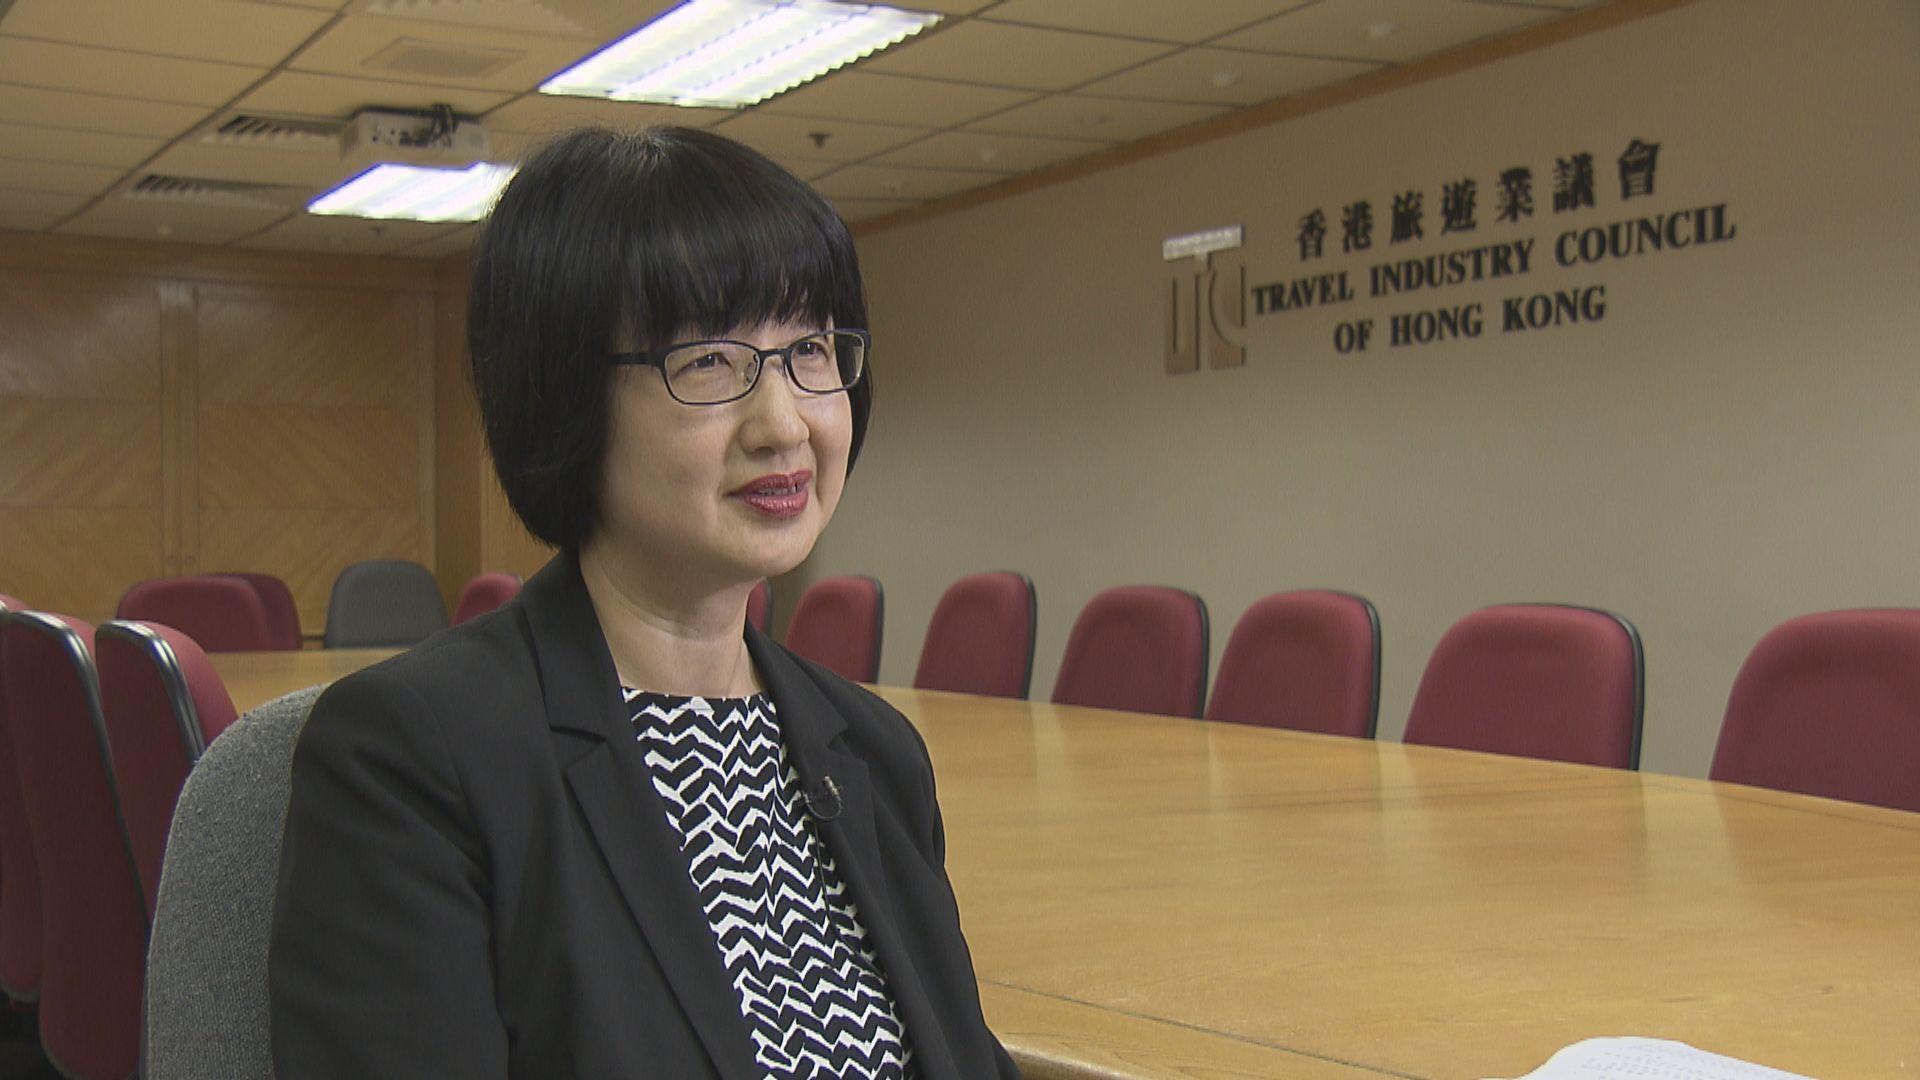 旅遊業議會:暫未收到去武漢以外內地的旅行團會取消